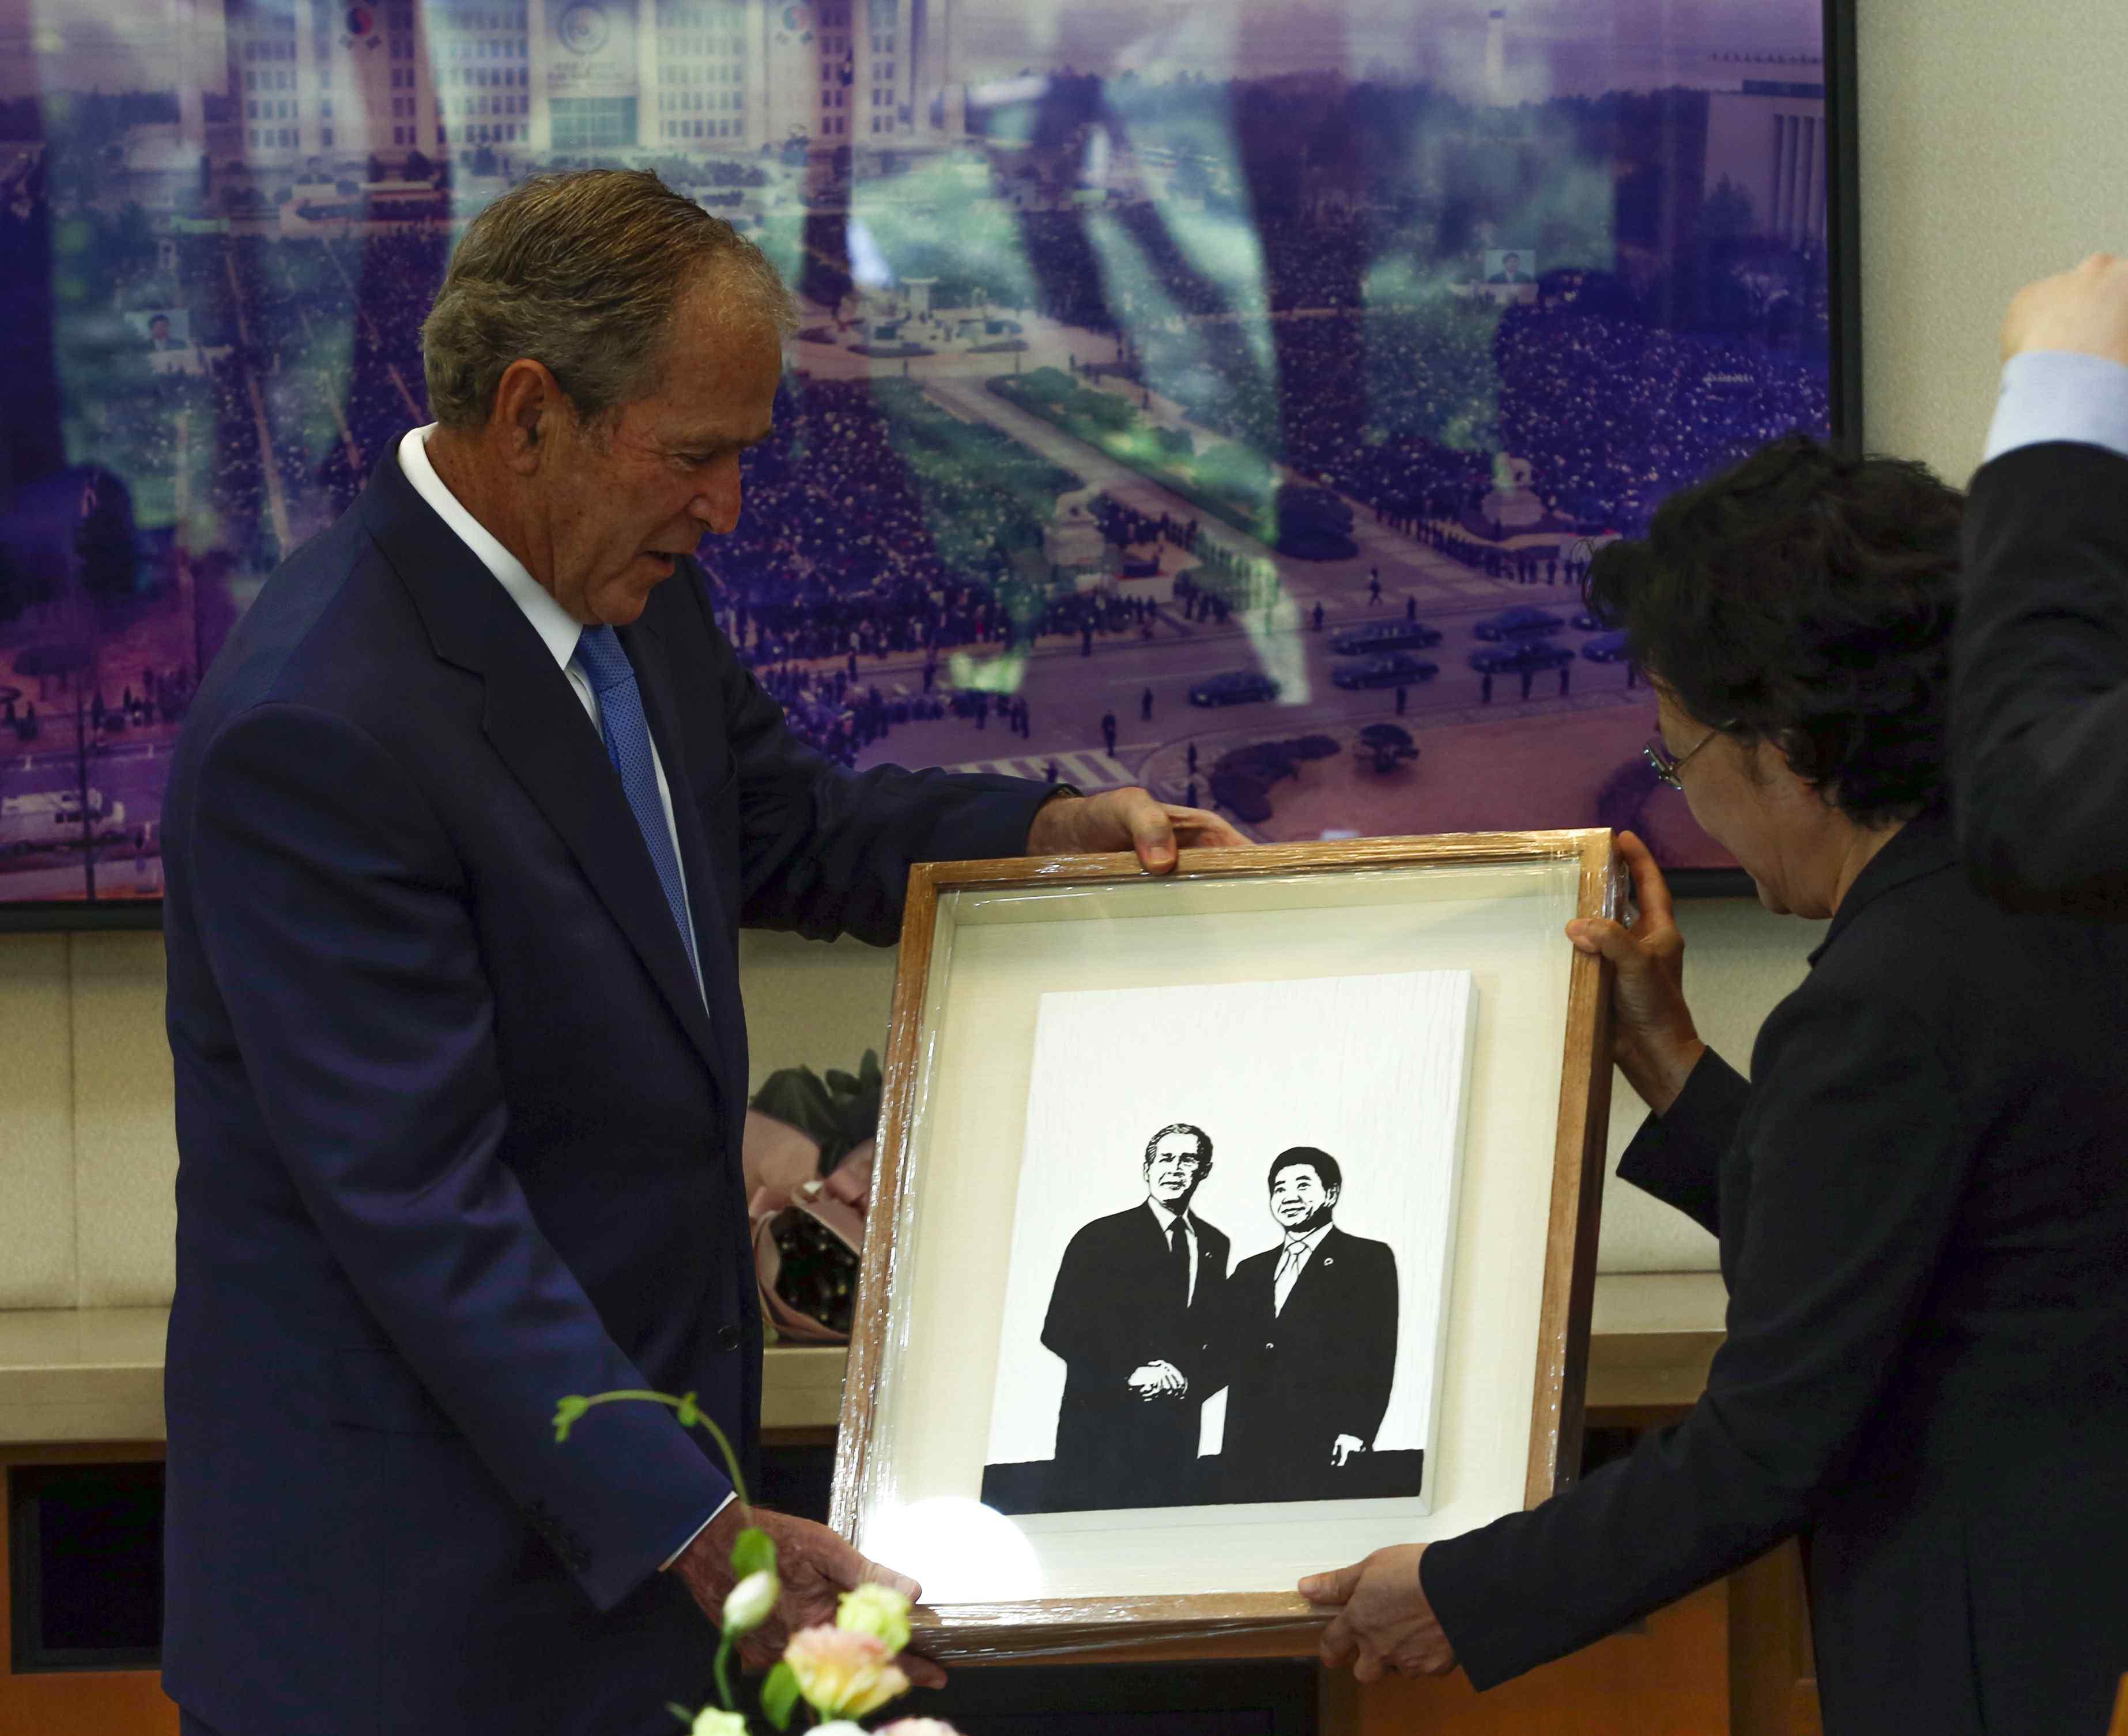 小布什出席卢武铉追悼会 亲绘卢武铉肖像画送其遗孀